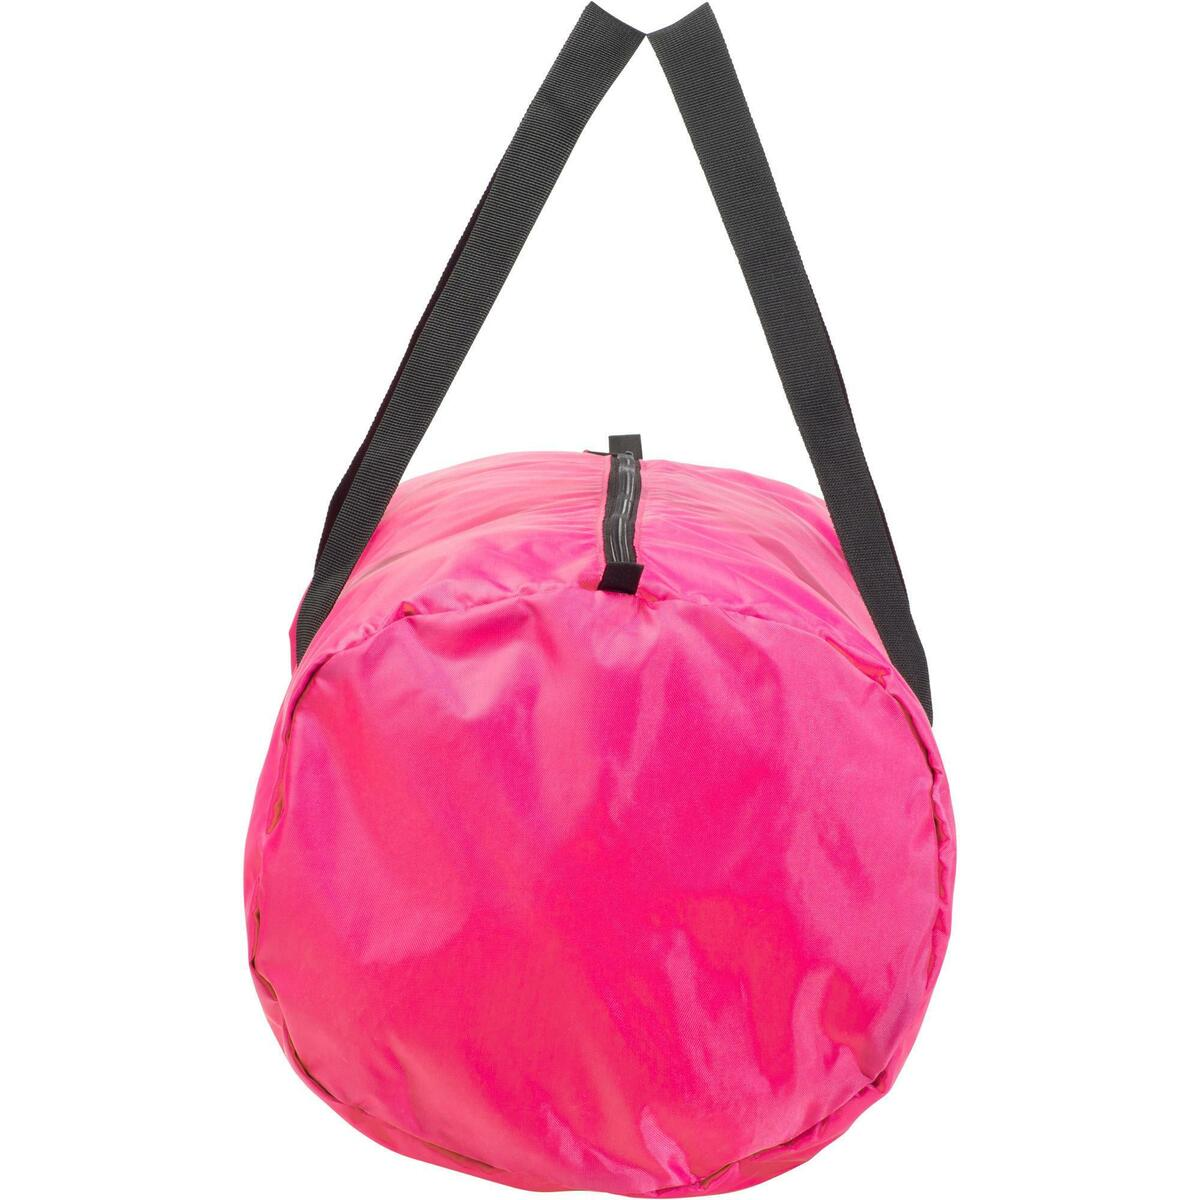 Bild 3 von Sporttasche Fitness Cardio faltbar 30 l rosa